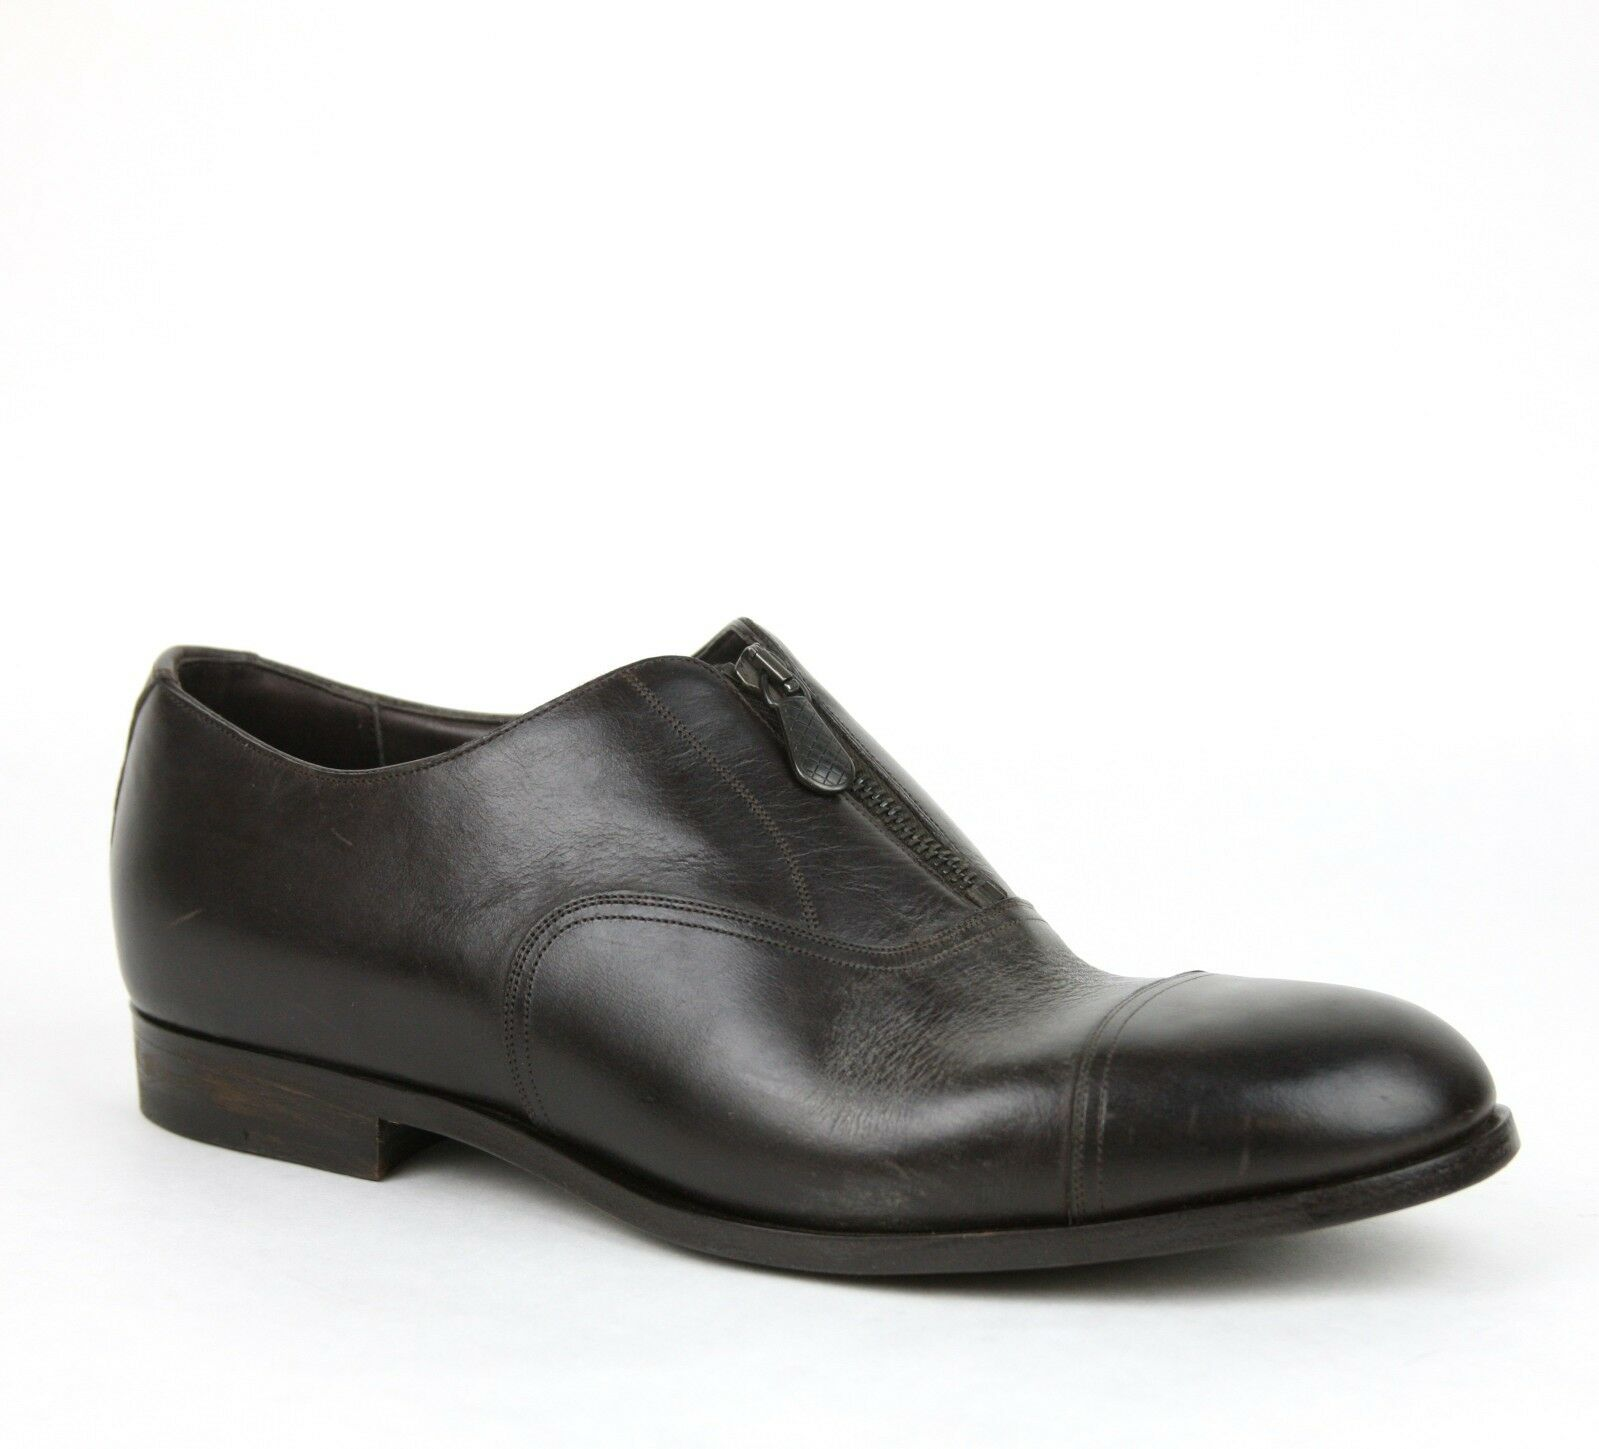 880 New Authentic Bottega Veneta Uomo Pelle Dress Shoe w/Zipper 285653 2006